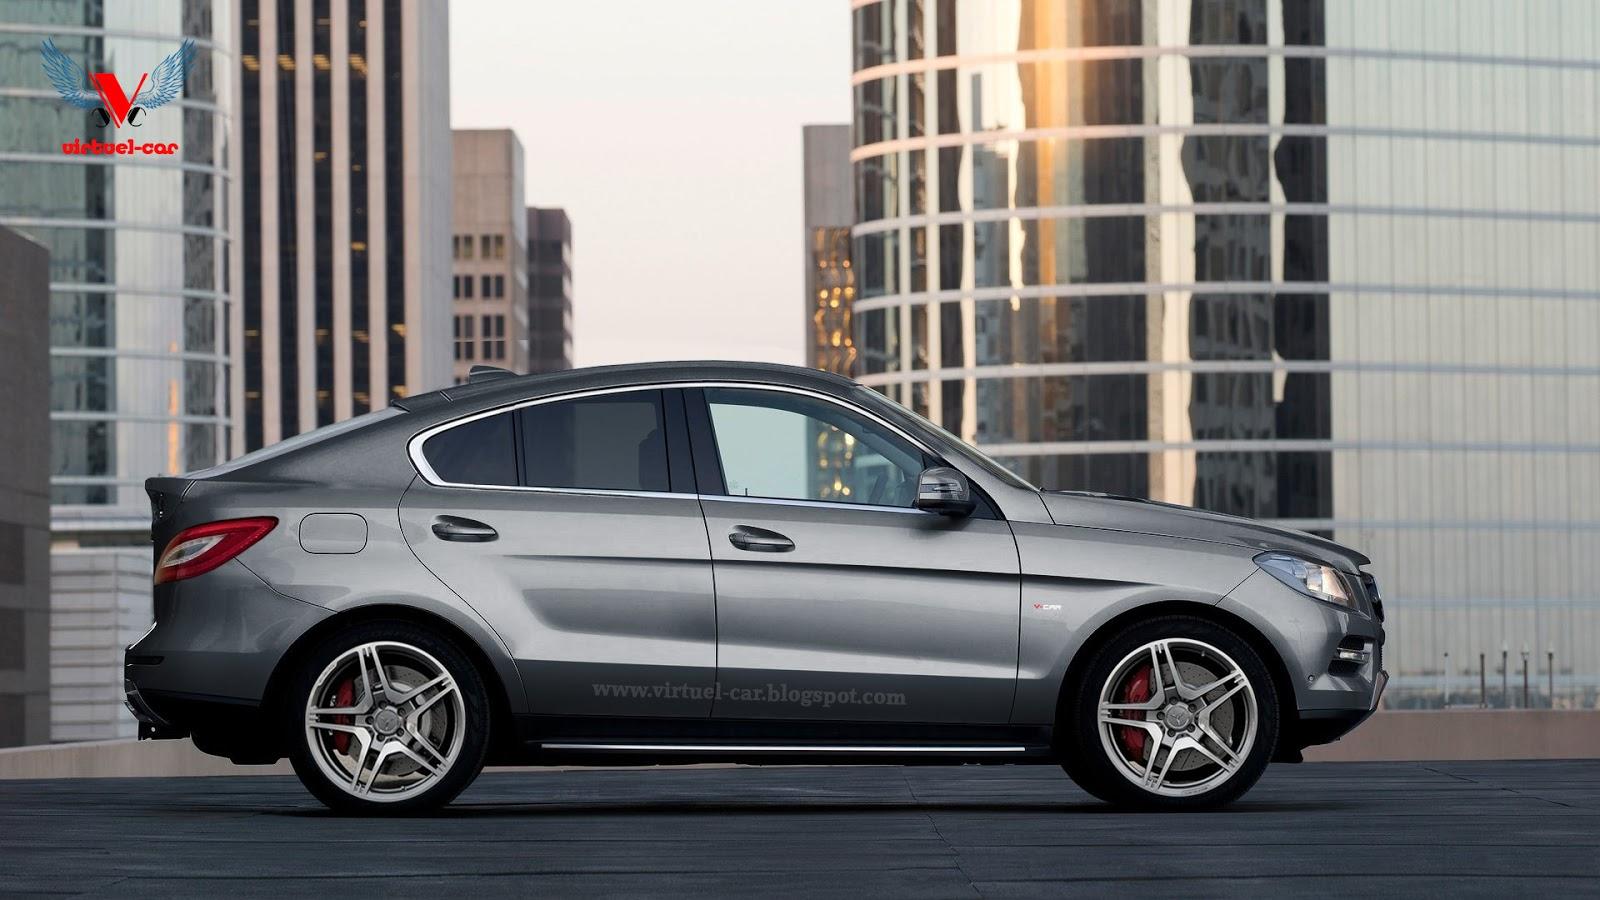 mercedes - 2015 - [Mercedes] GLE Coupé [C292] MLC